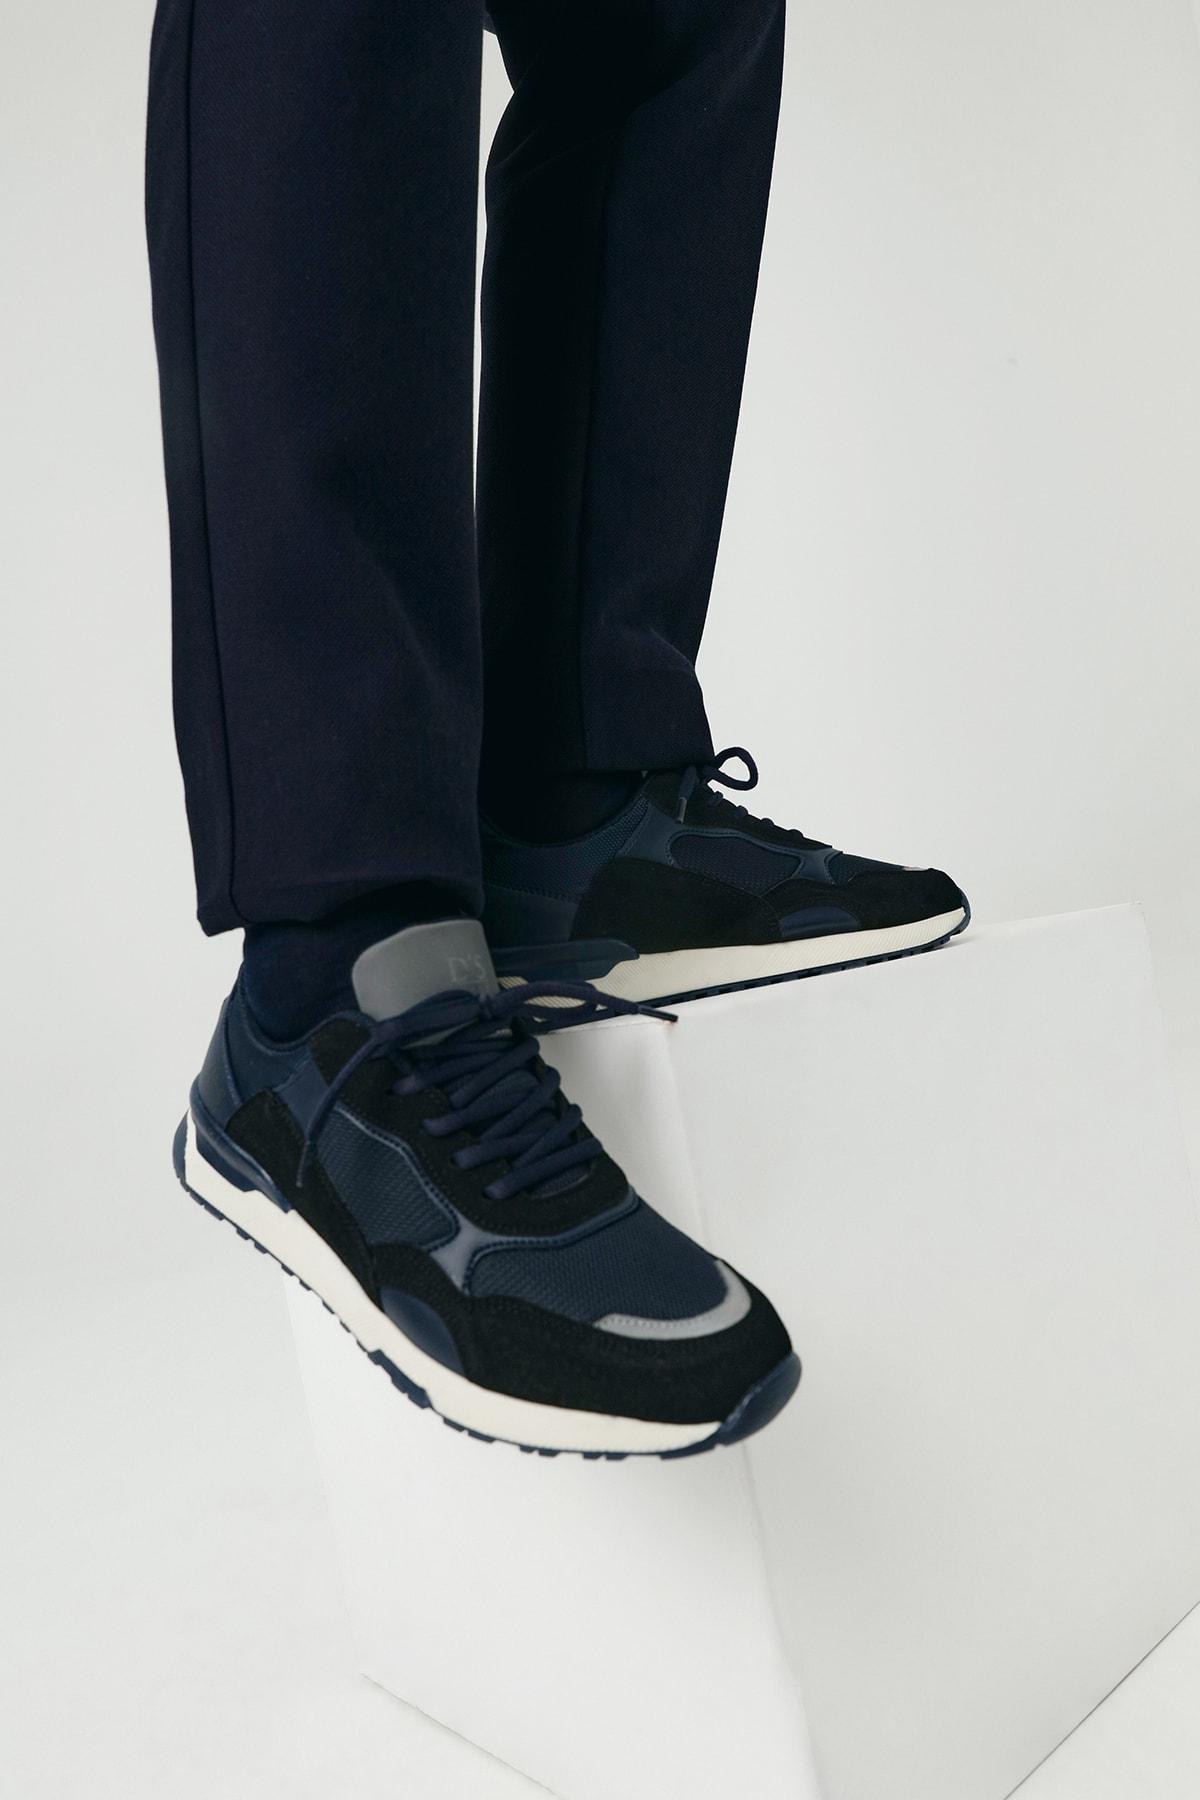 Twn Erkek Ayakkabı Lacivert Renk 2